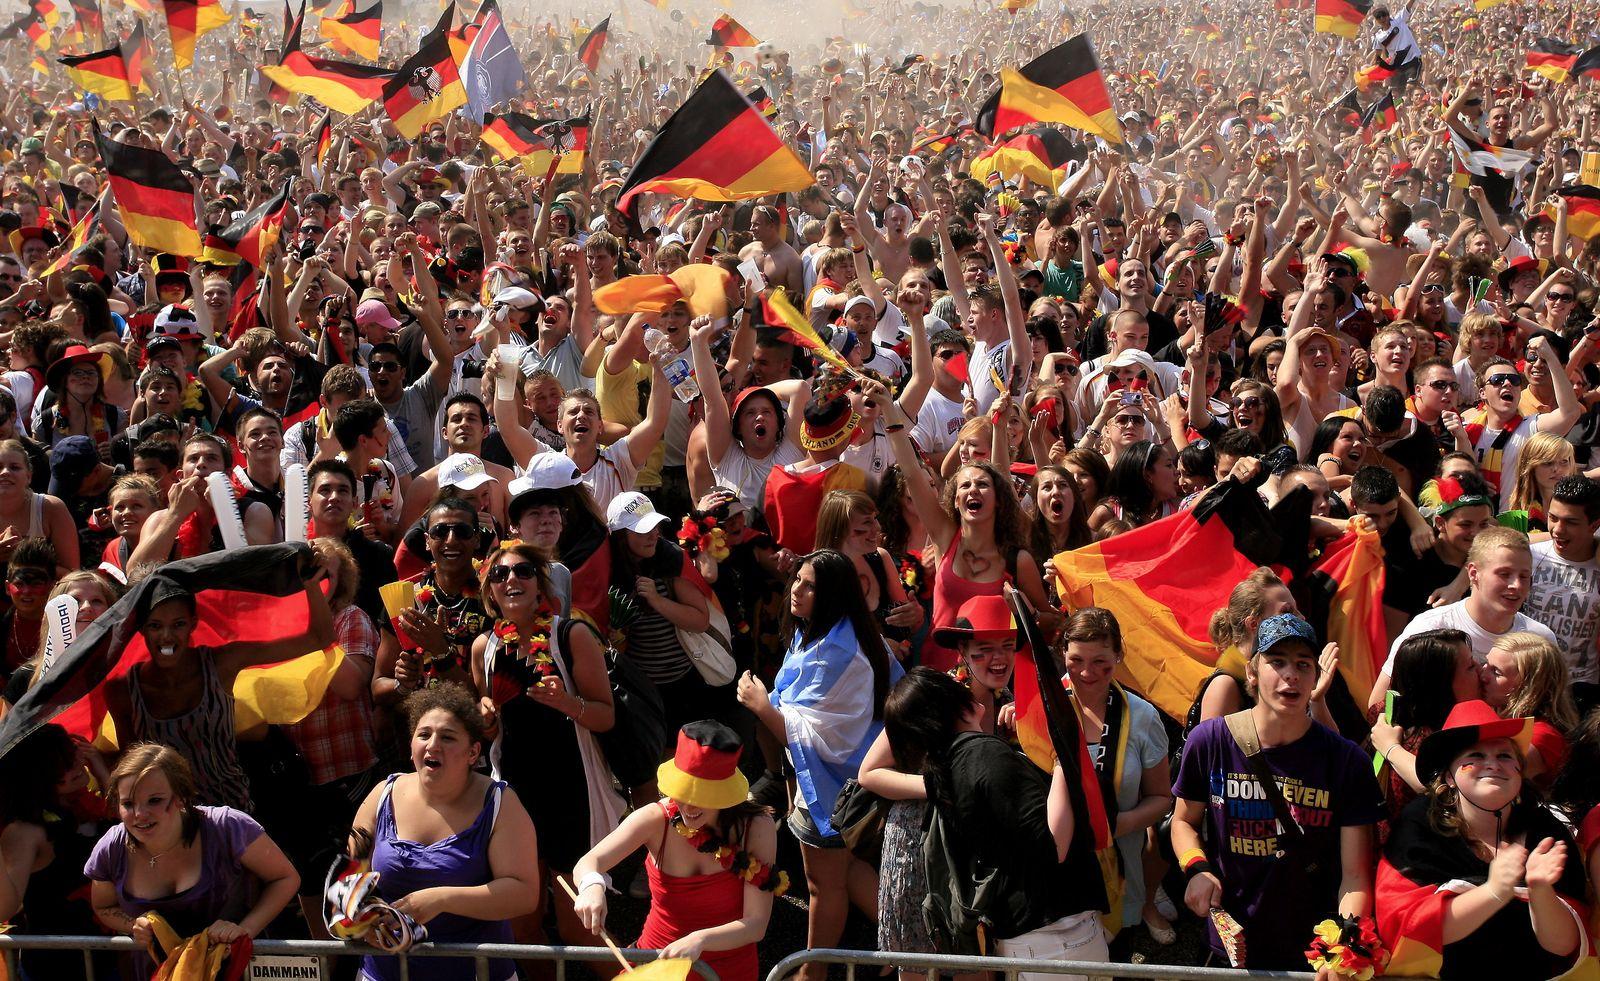 NICHT VERWENDEN WM 2010: Public Viewing in Hamburg